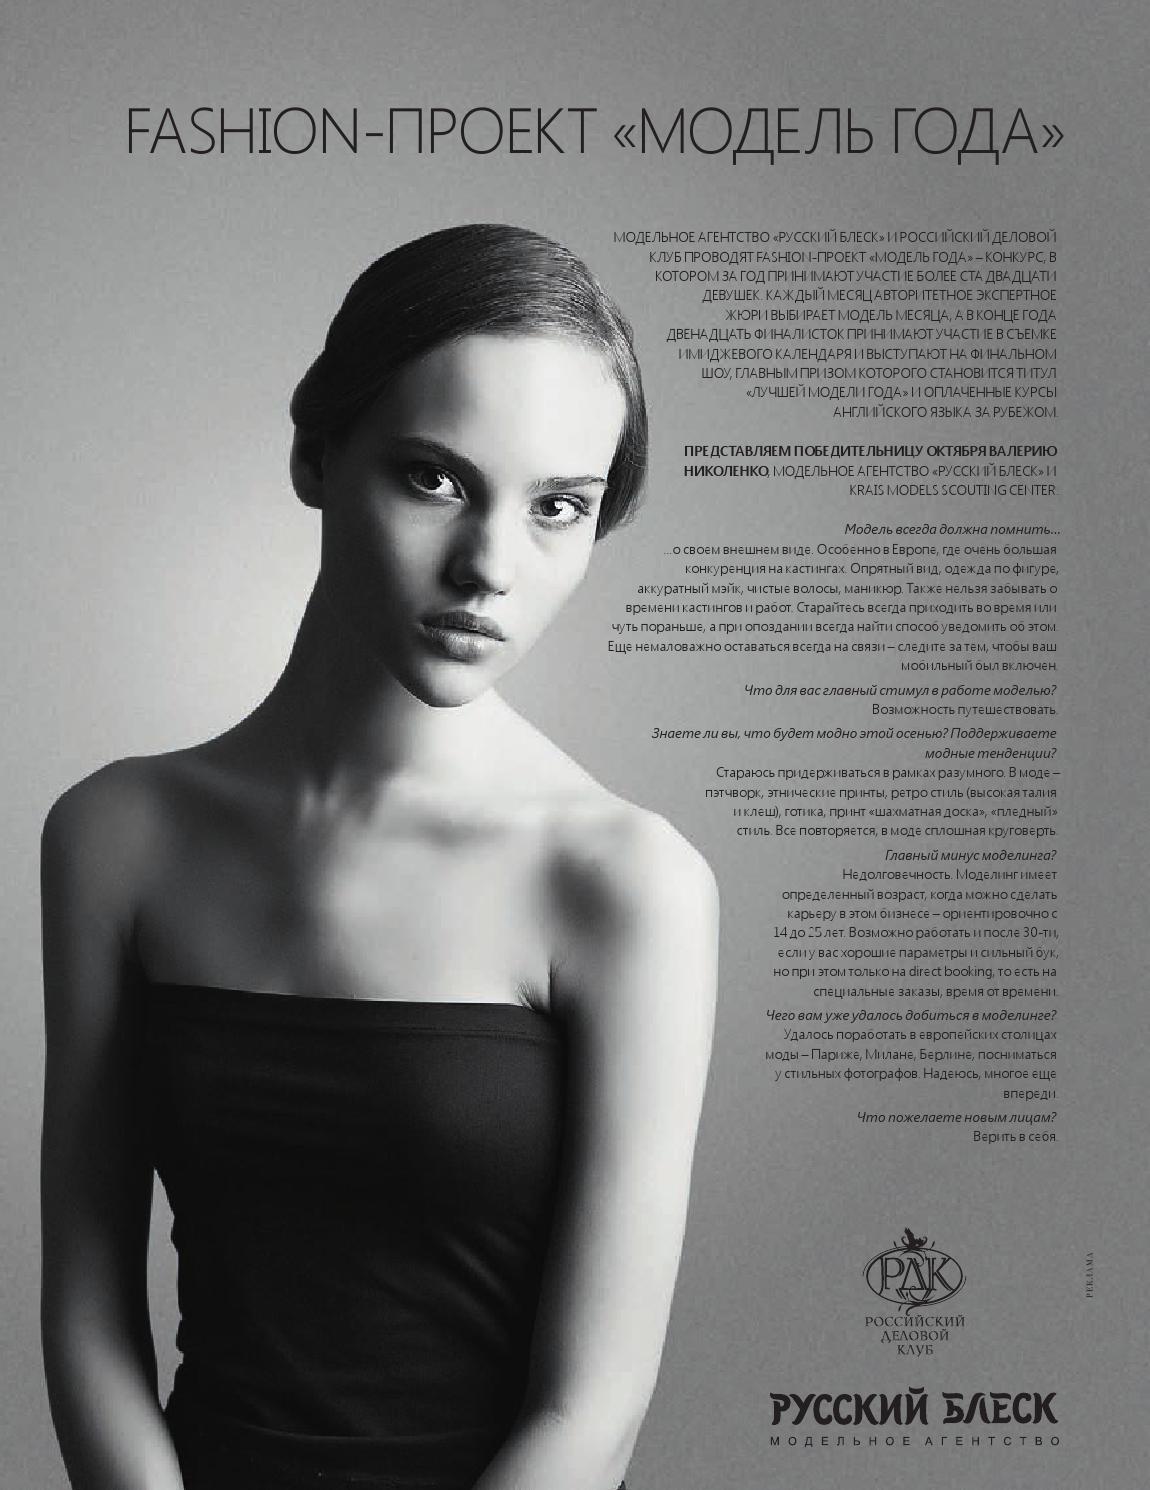 Проект девушка модель экспертной работы огни работа для девушек